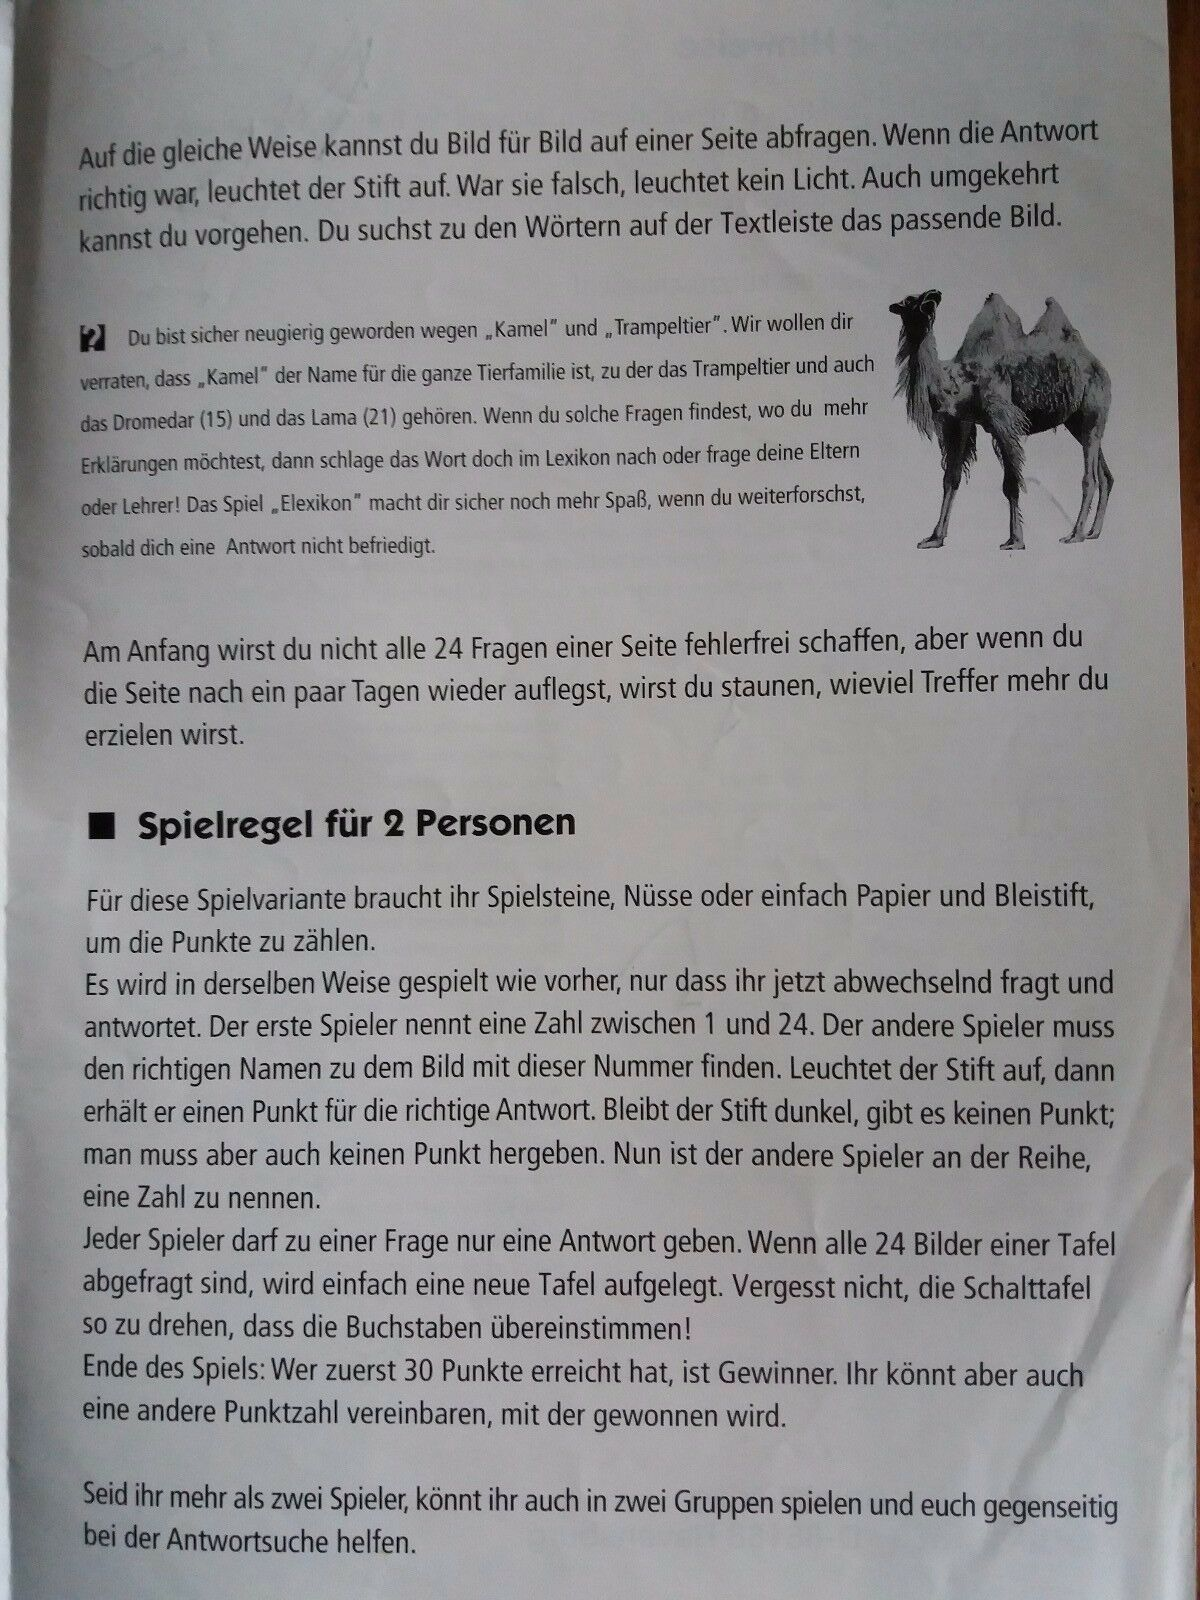 Elexikon - Quiz, das spielend Wissen schafft (Ravensburger) Lernspiel 7-10 7-10 7-10 Jahre  | Gute Qualität  cf6dc3